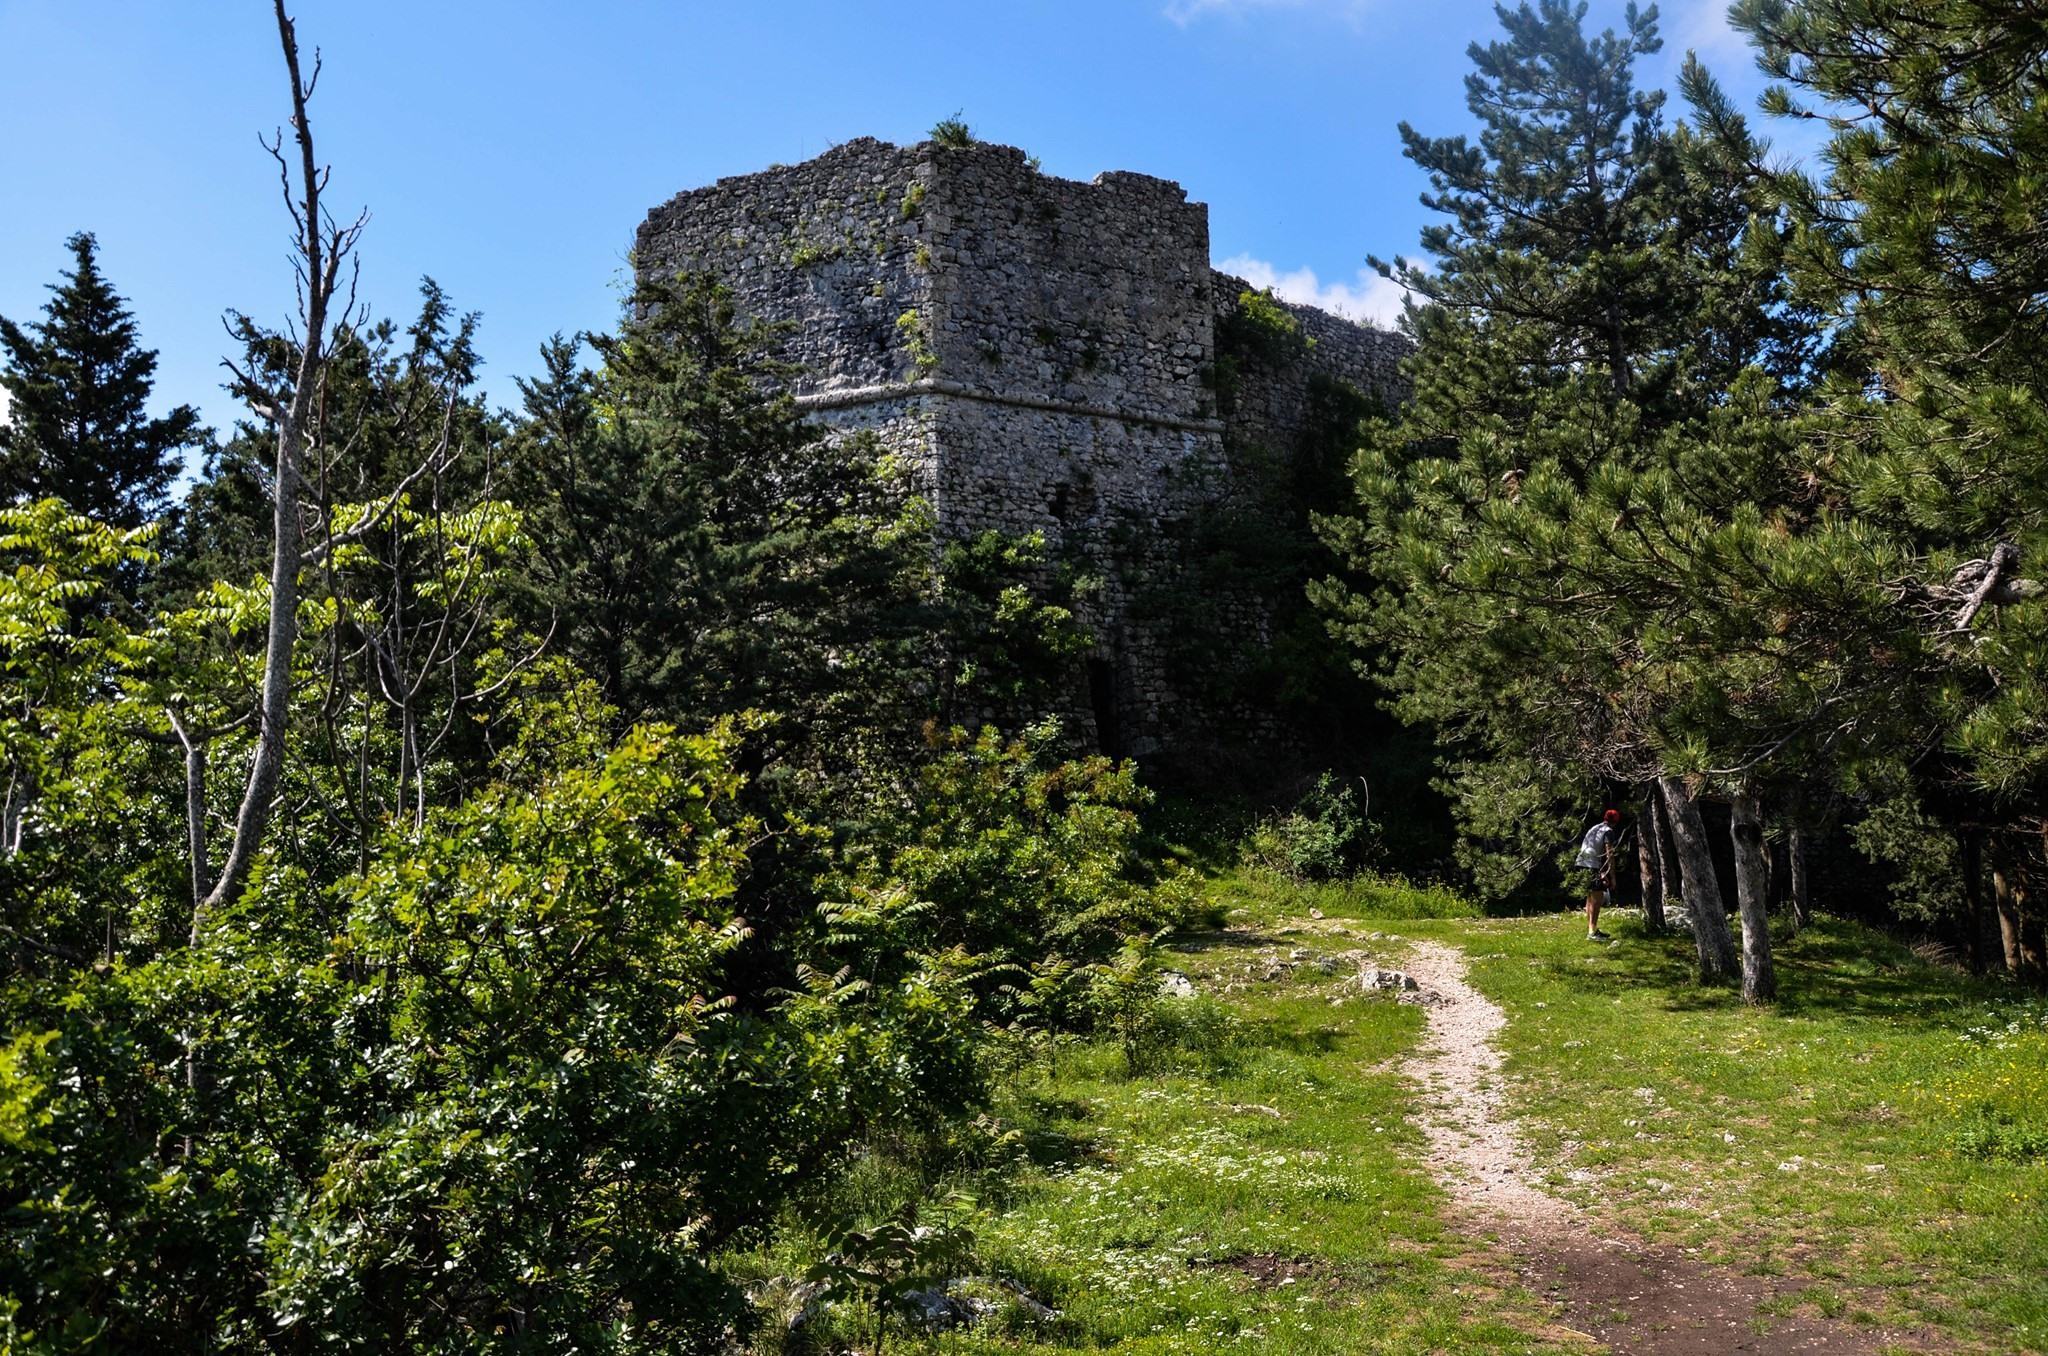 Escursione notturna presso il Castello di Sora